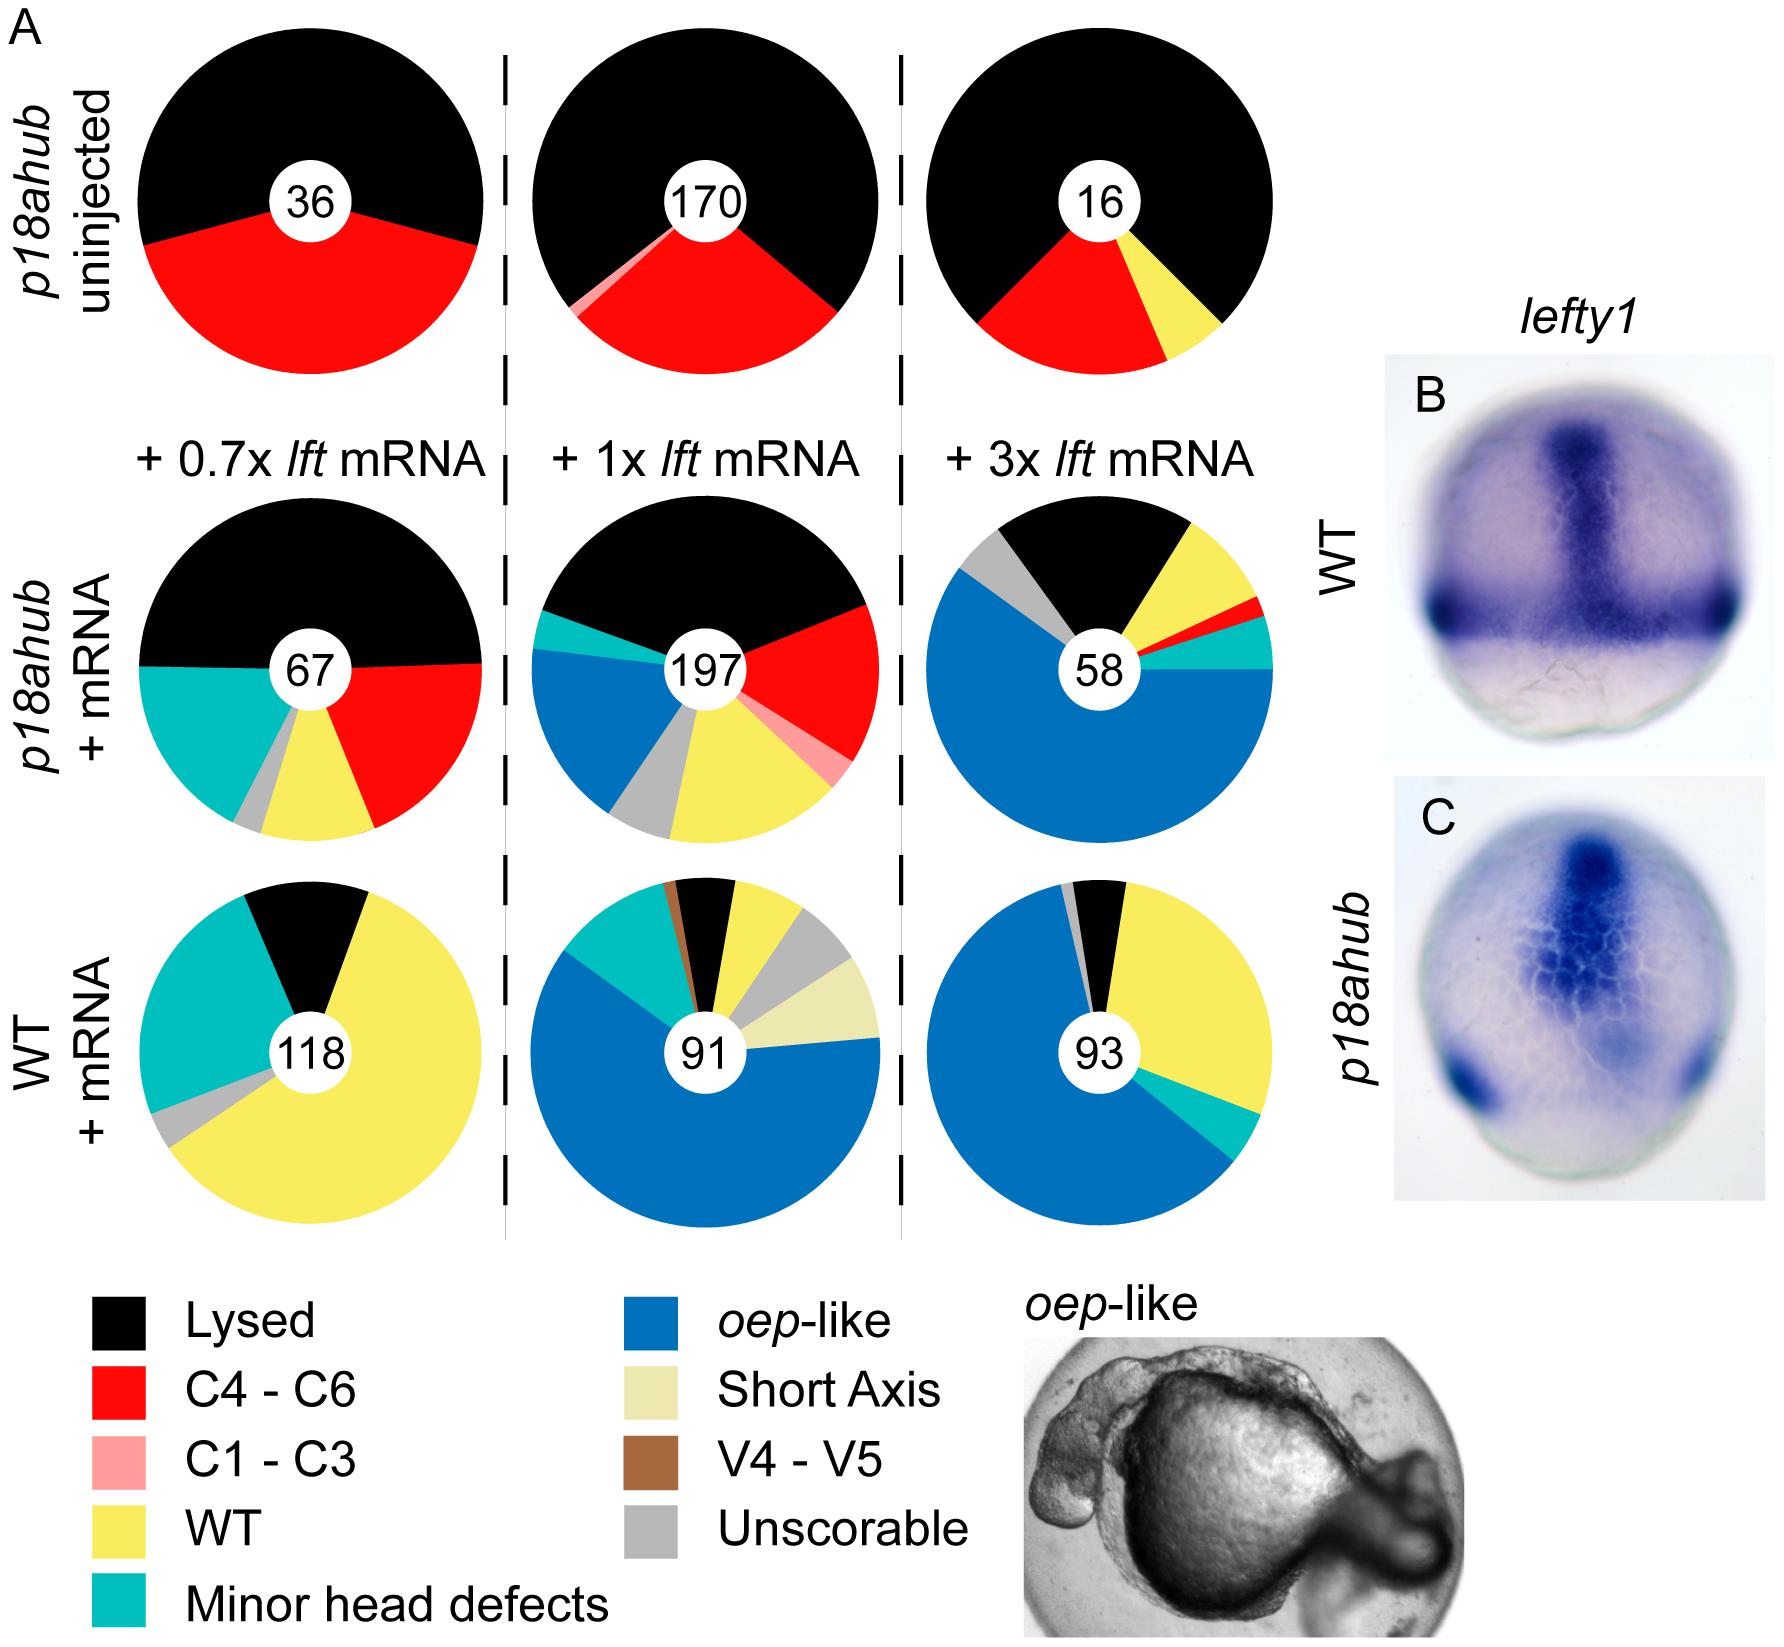 Lefty misexpression suppresses patterning defects of <i>p18ahub</i> embryos.